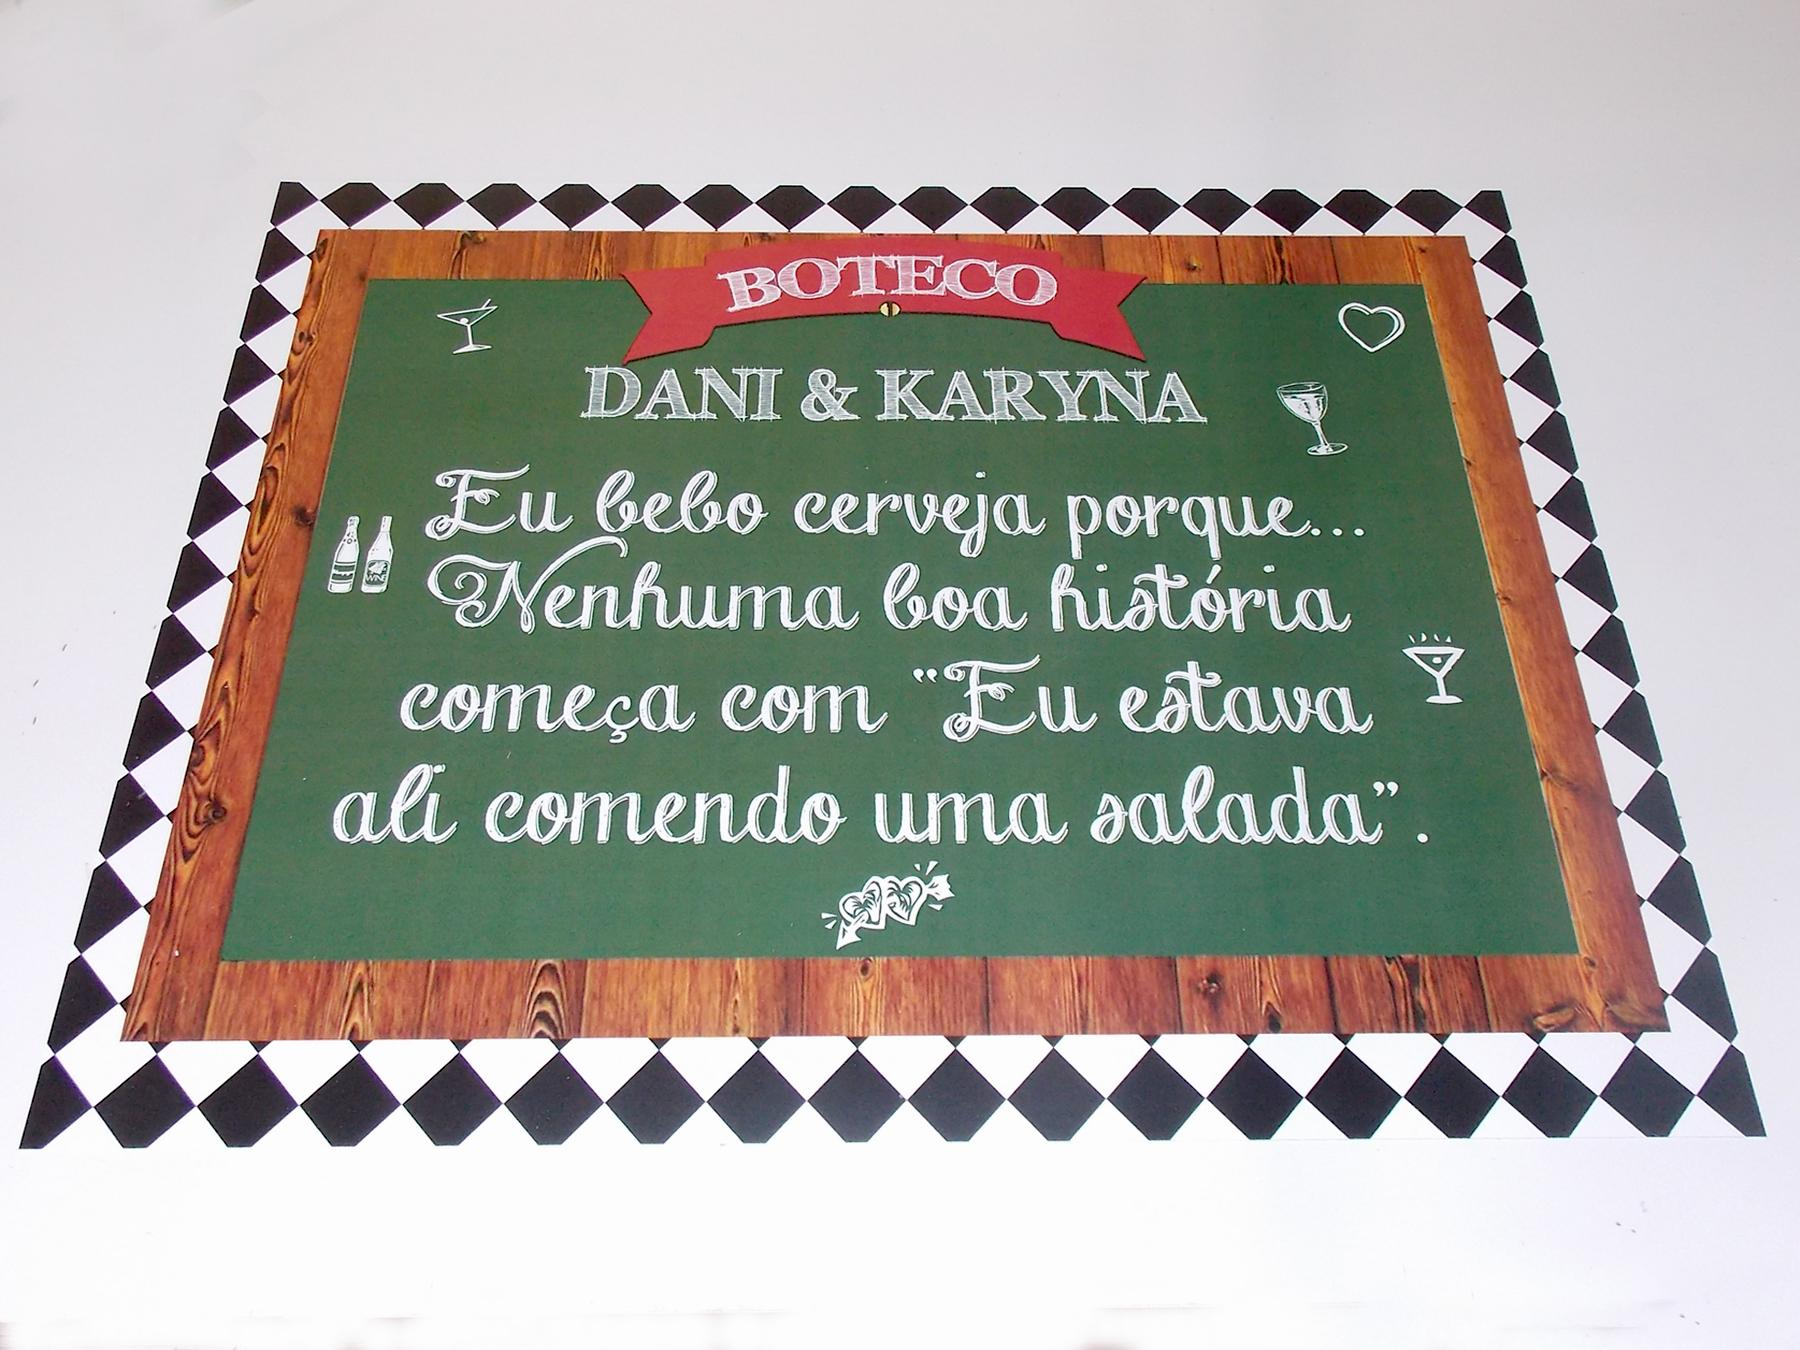 1 Pôster Com Frase De Boteco 40x31cm No Elo7 Catia Cunha Designs